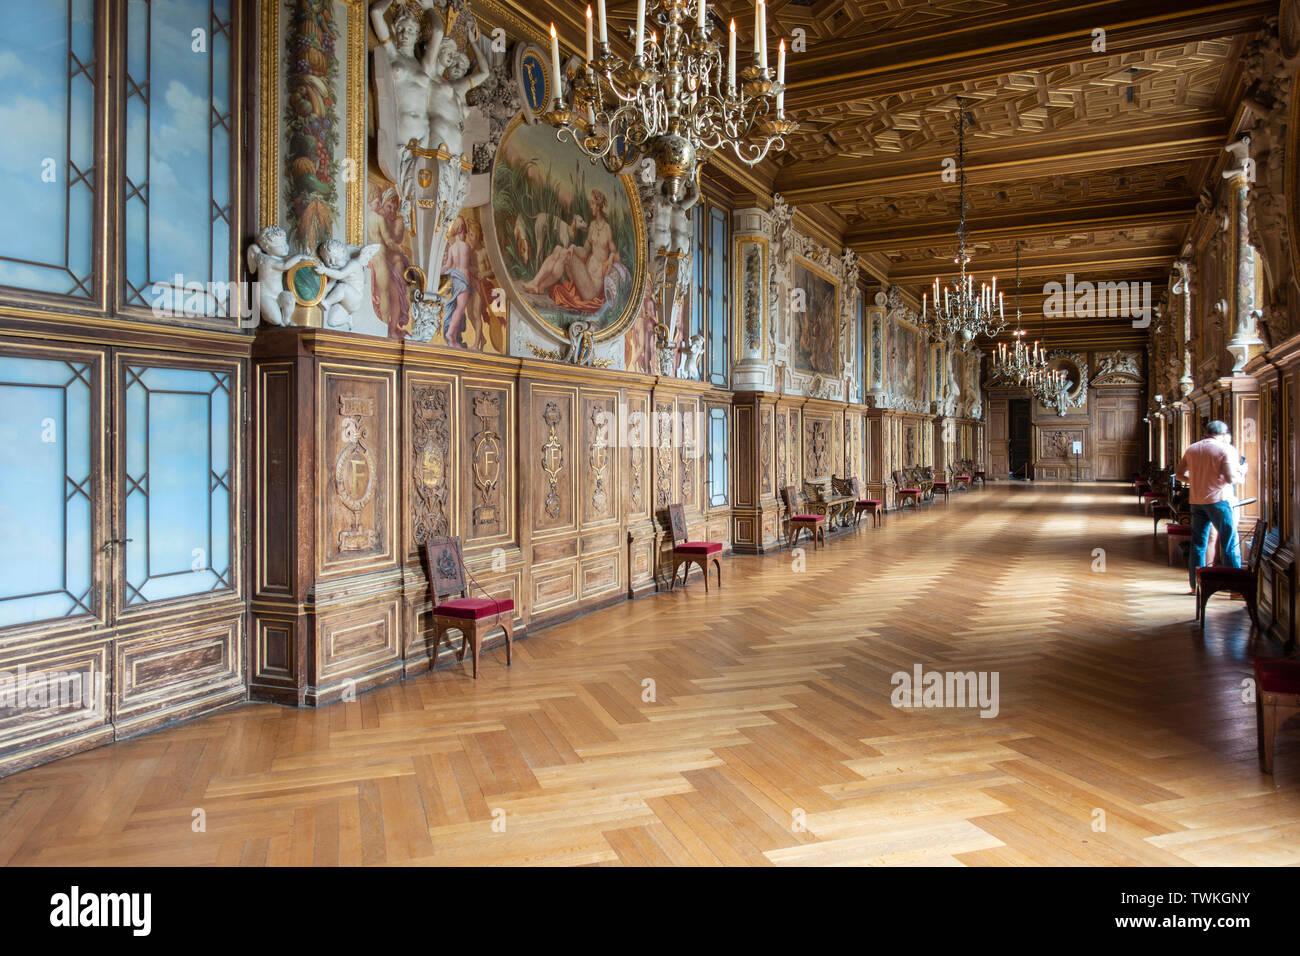 Francois I Gallery in Château de Fontainebleau, Seine-et-Marne, Île-de-France region of France - Stock Image